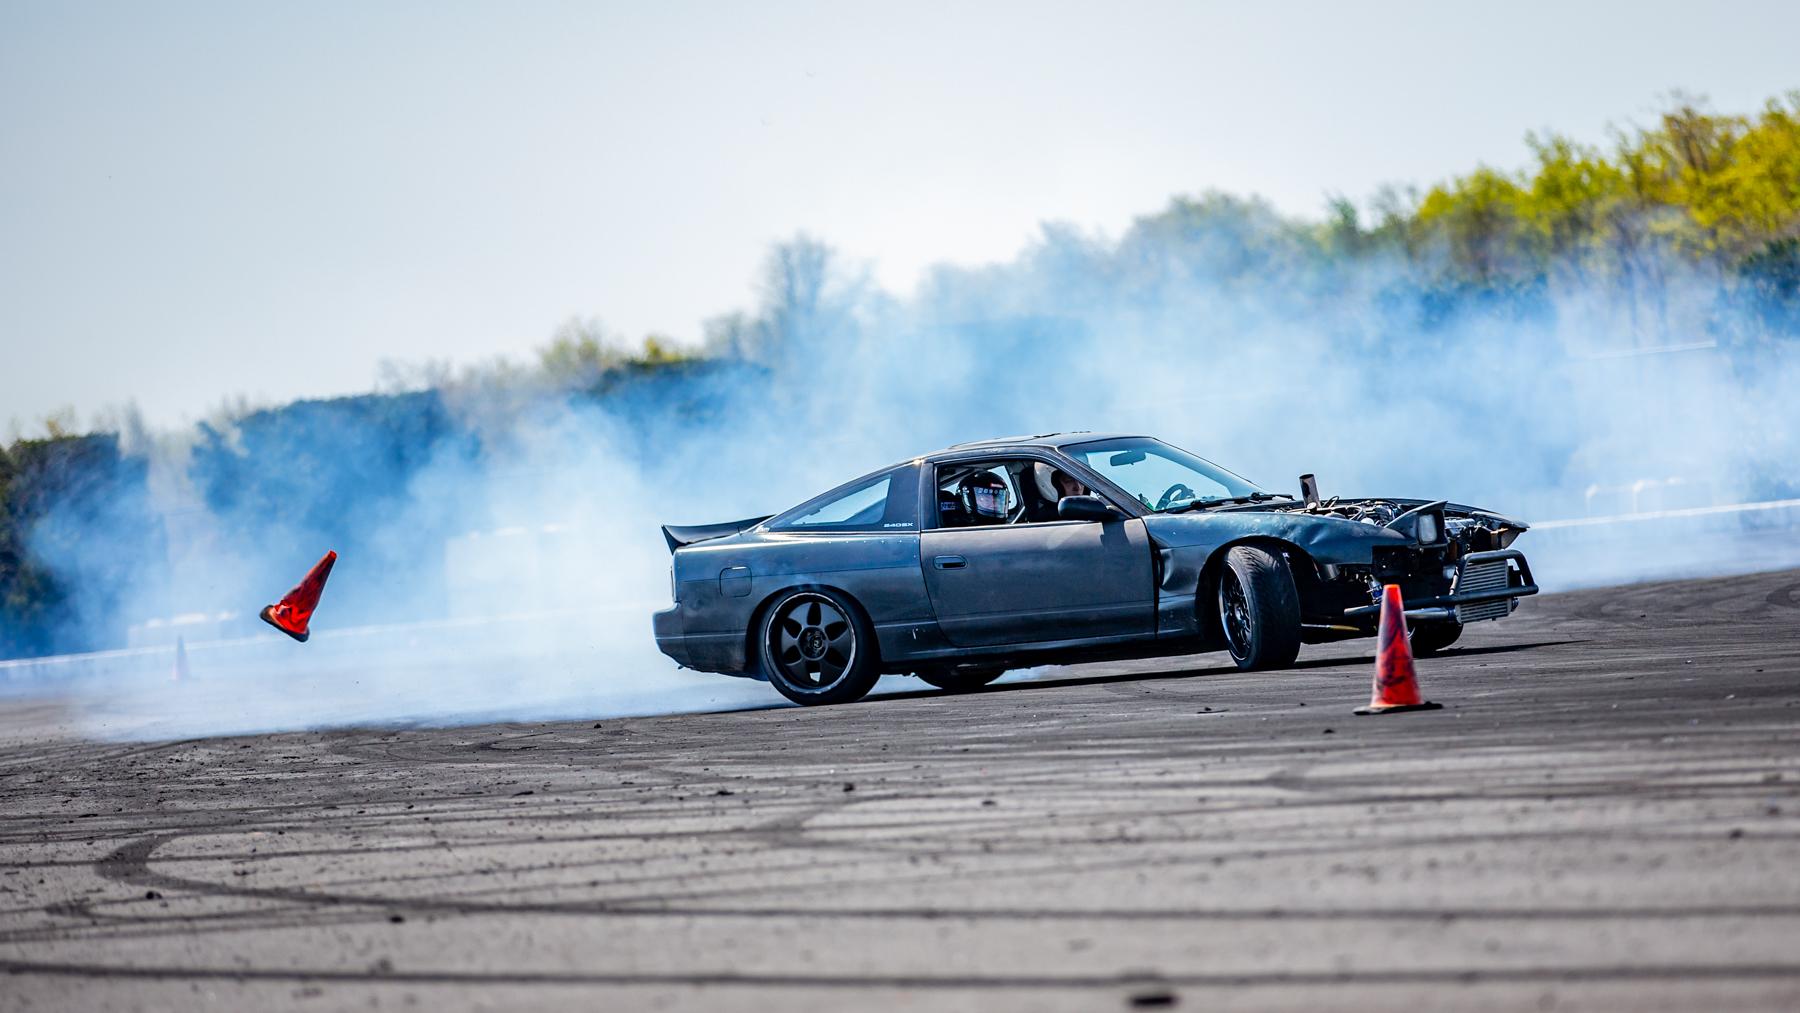 Drift-7247